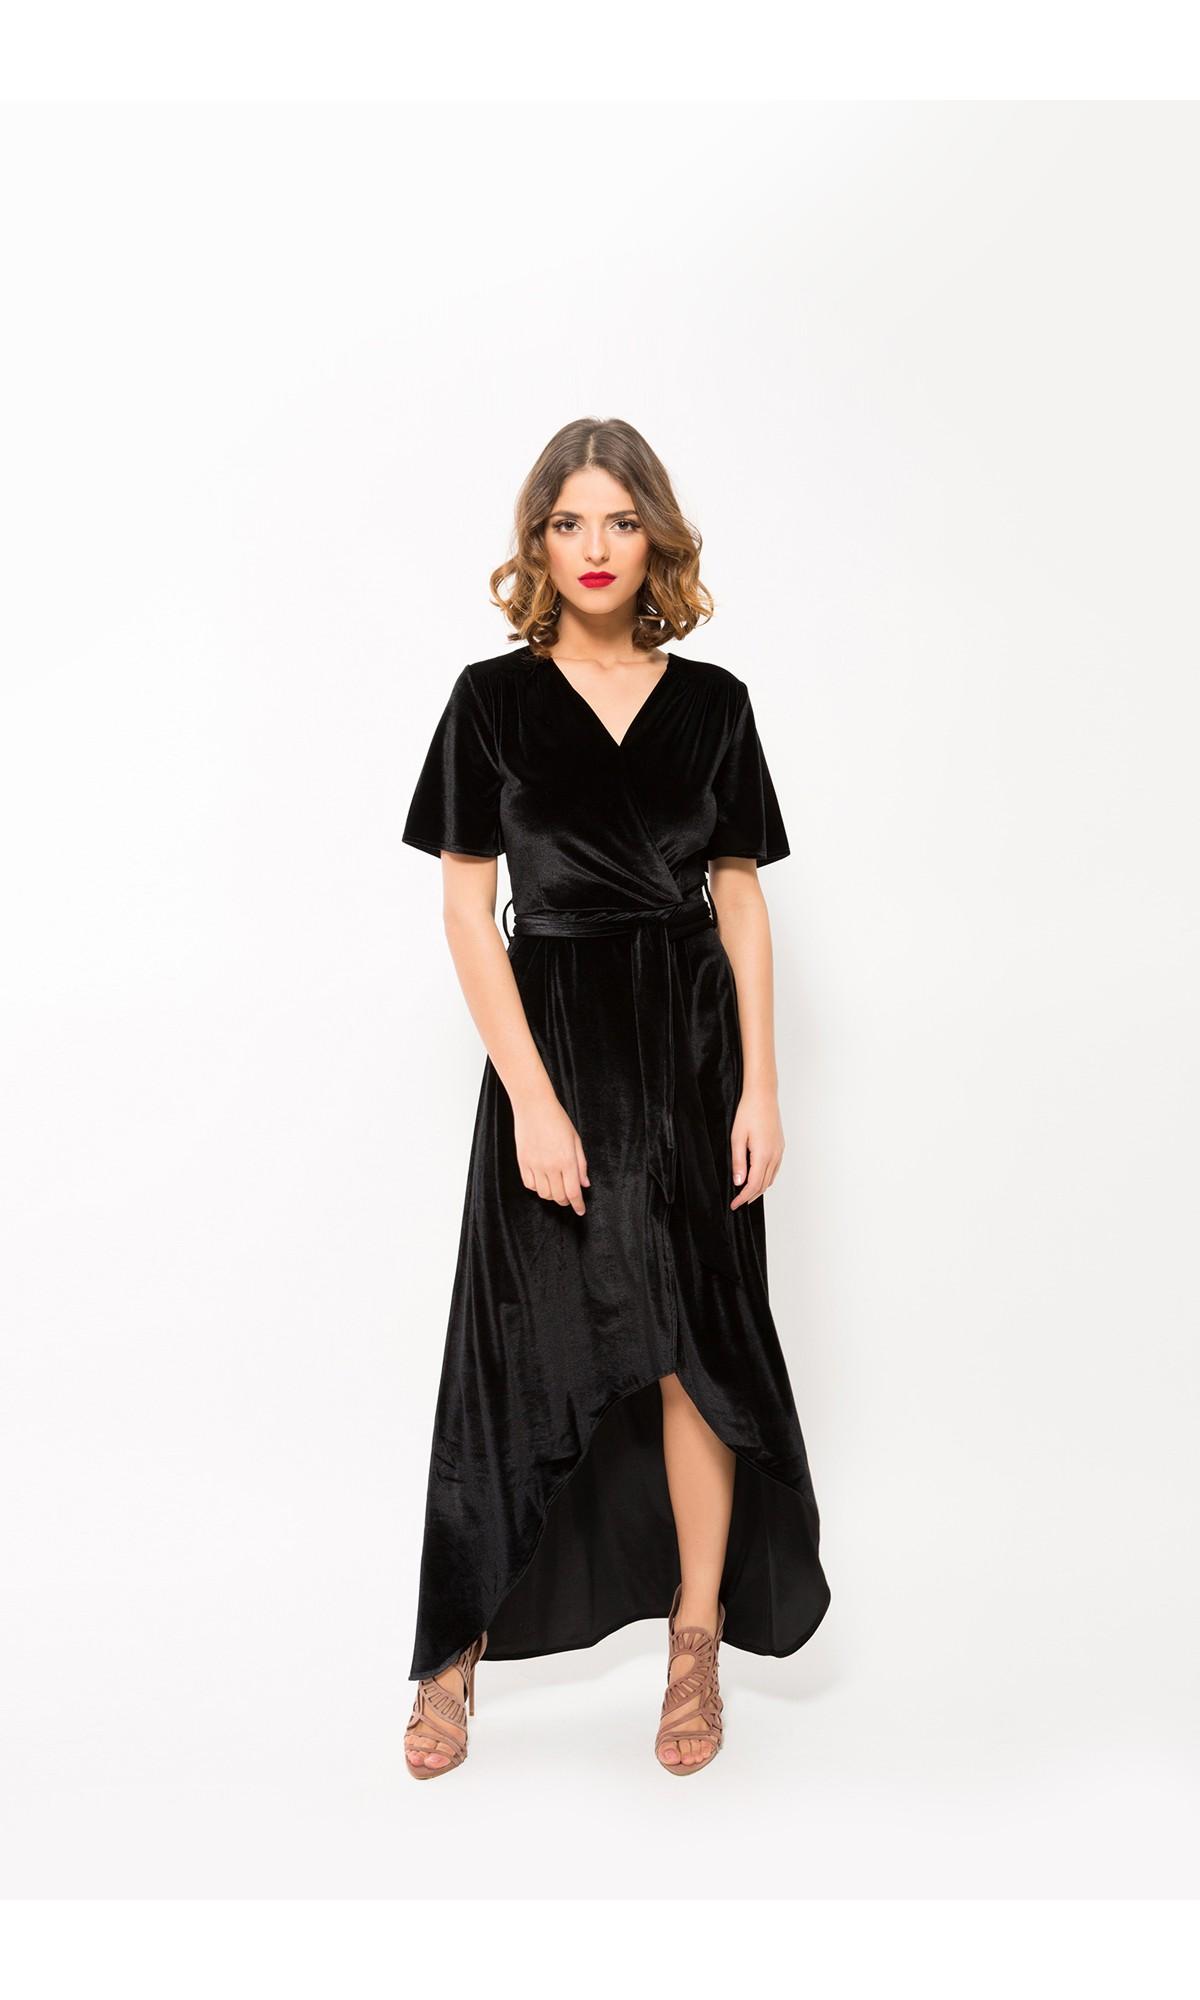 Sukienka welurowa w kolorze czarnym